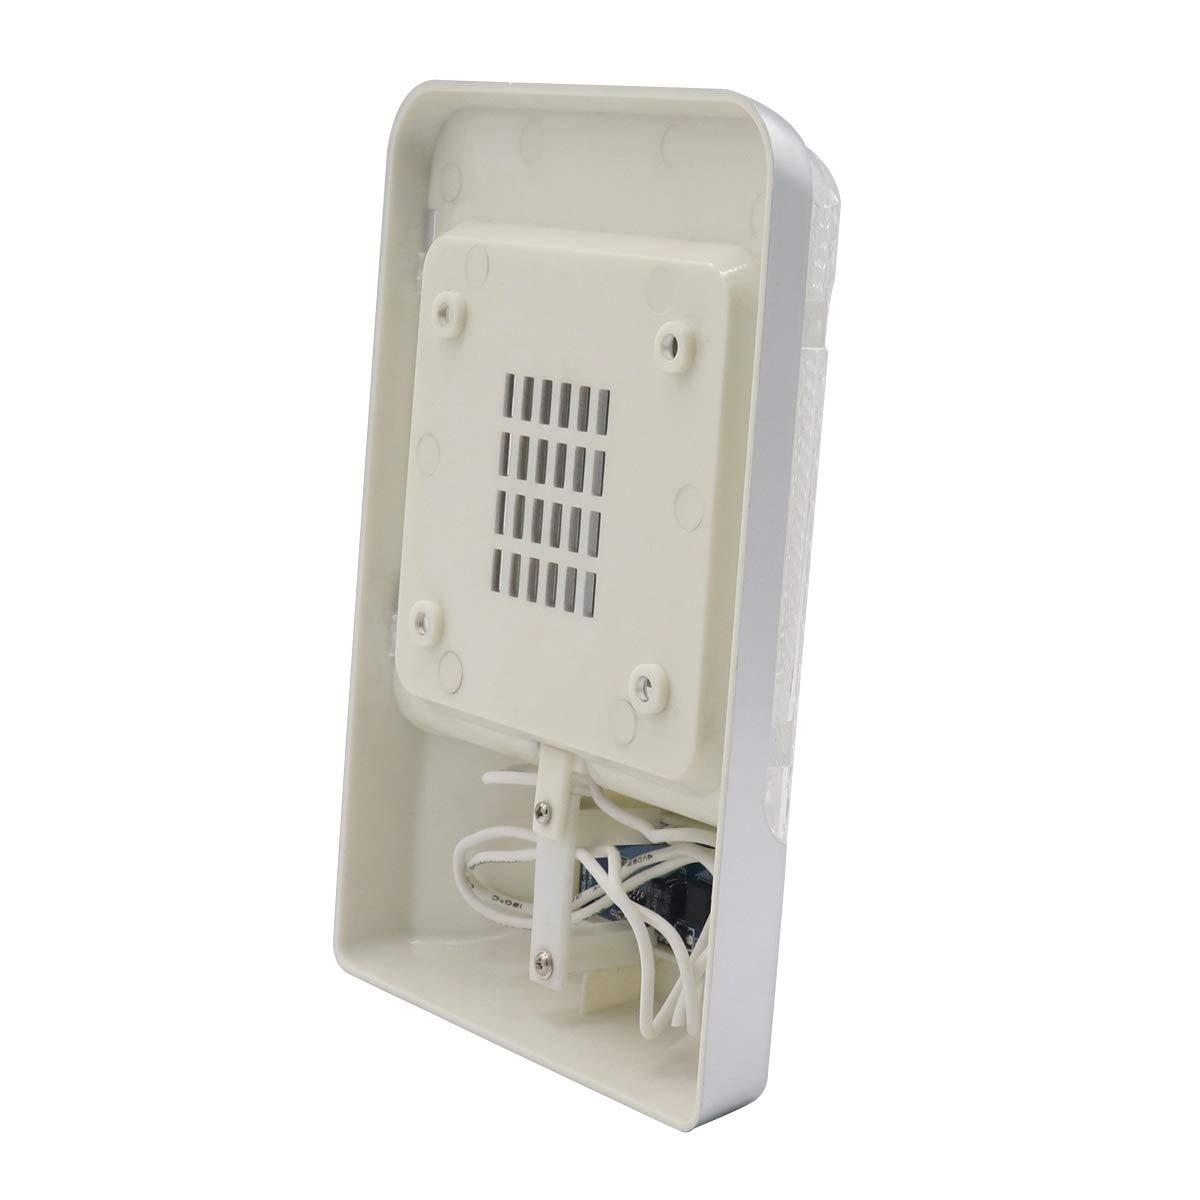 Pack Gloaso 12V 3.6W 24 LED RV Plafonnier Simple Plafonnier avec /Éclairage Int/érieur R/églable Luminosit/é Interrupteur pour Camper RV Bateau Remorque 6000-6500k Blanc 1pcs